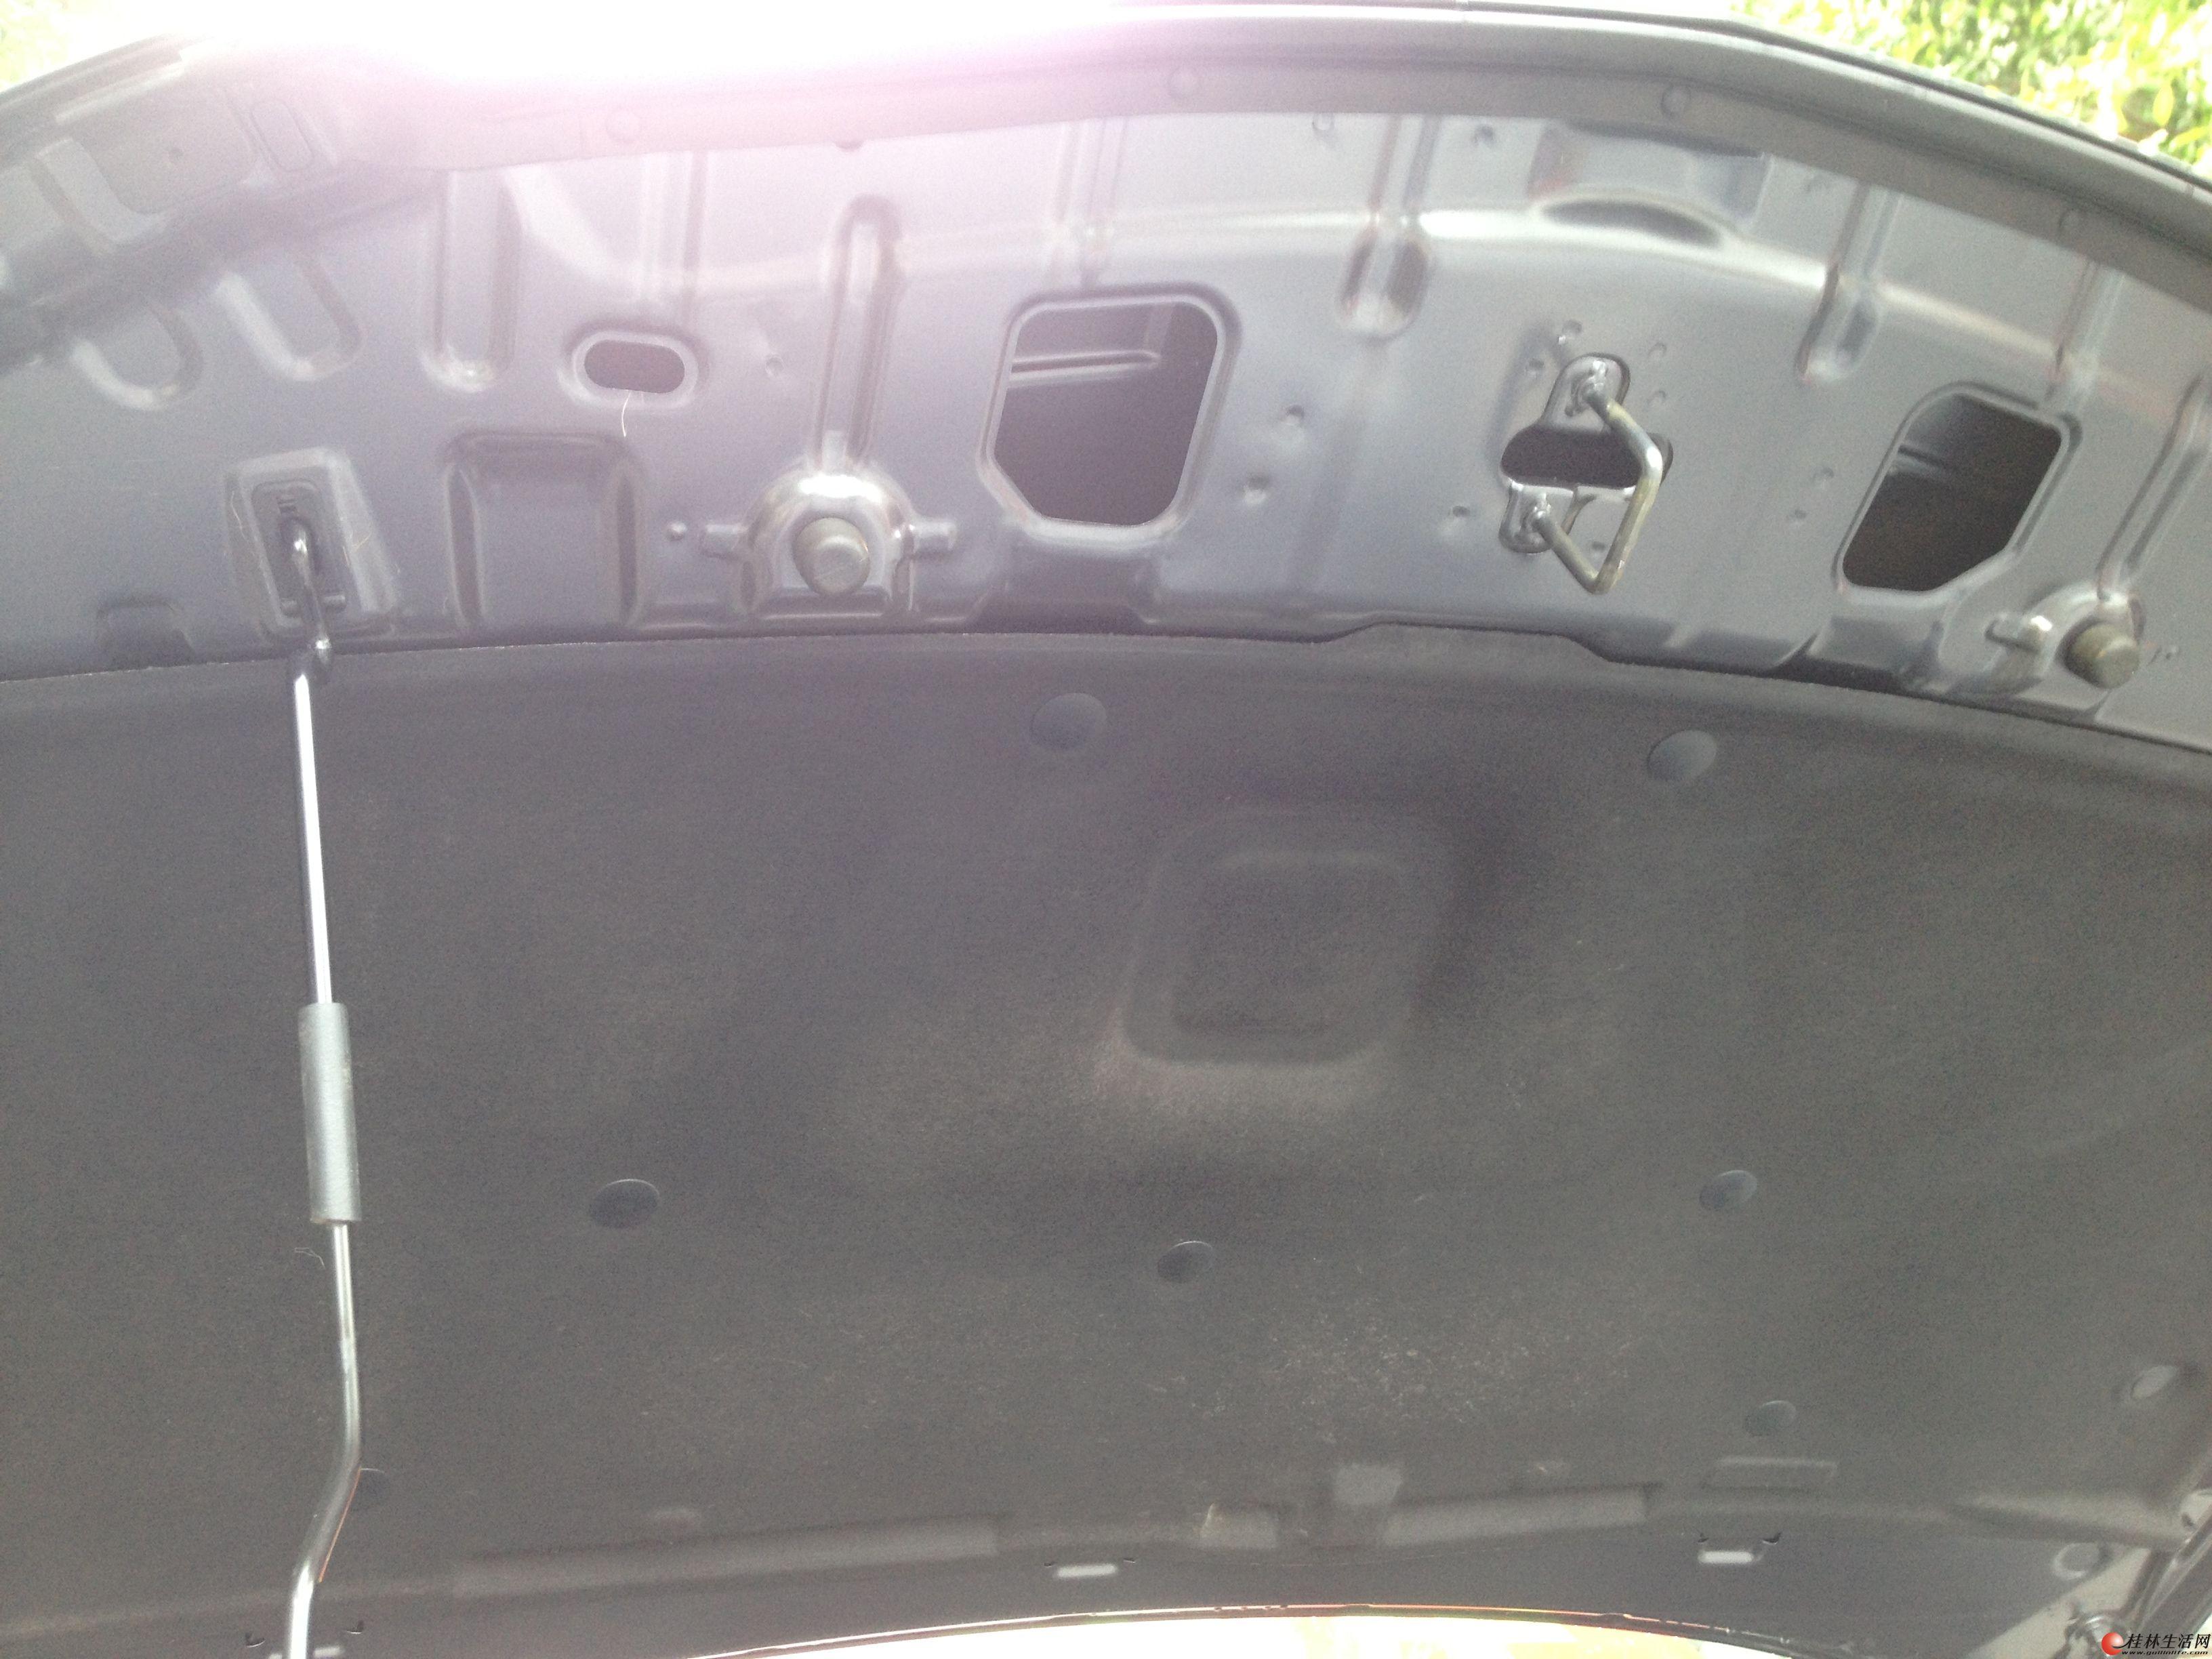 雪弗兰 科鲁兹1.6手动天窗版,桂林一手精品私家车. 桂林二手车高清图片